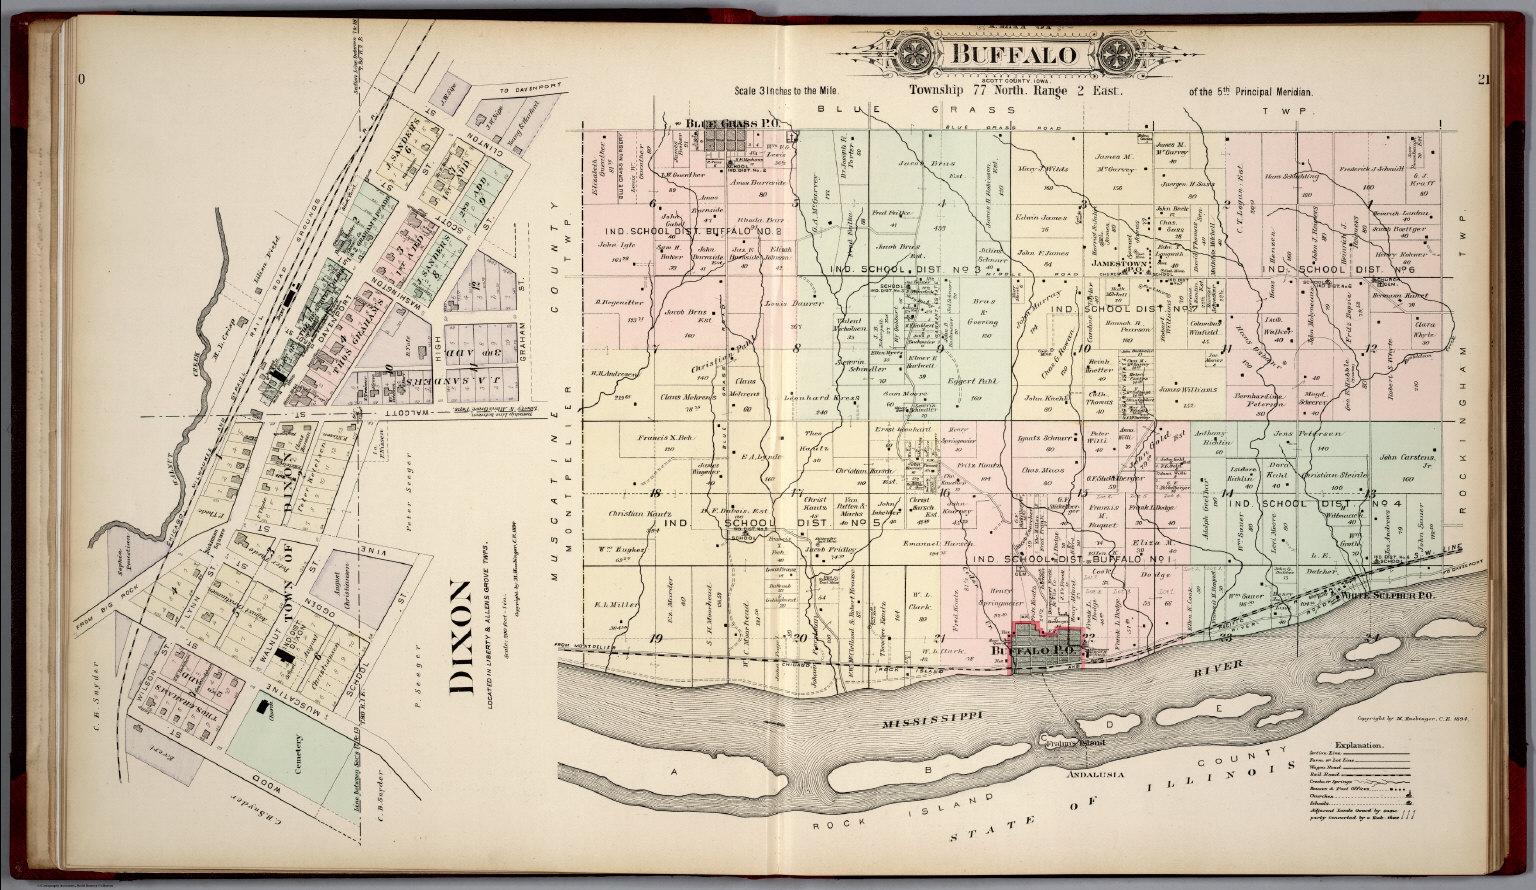 Scott County Plat Map Plat of Buffalo Township, Scott County, Iowa. Dixon.   David  Scott County Plat Map